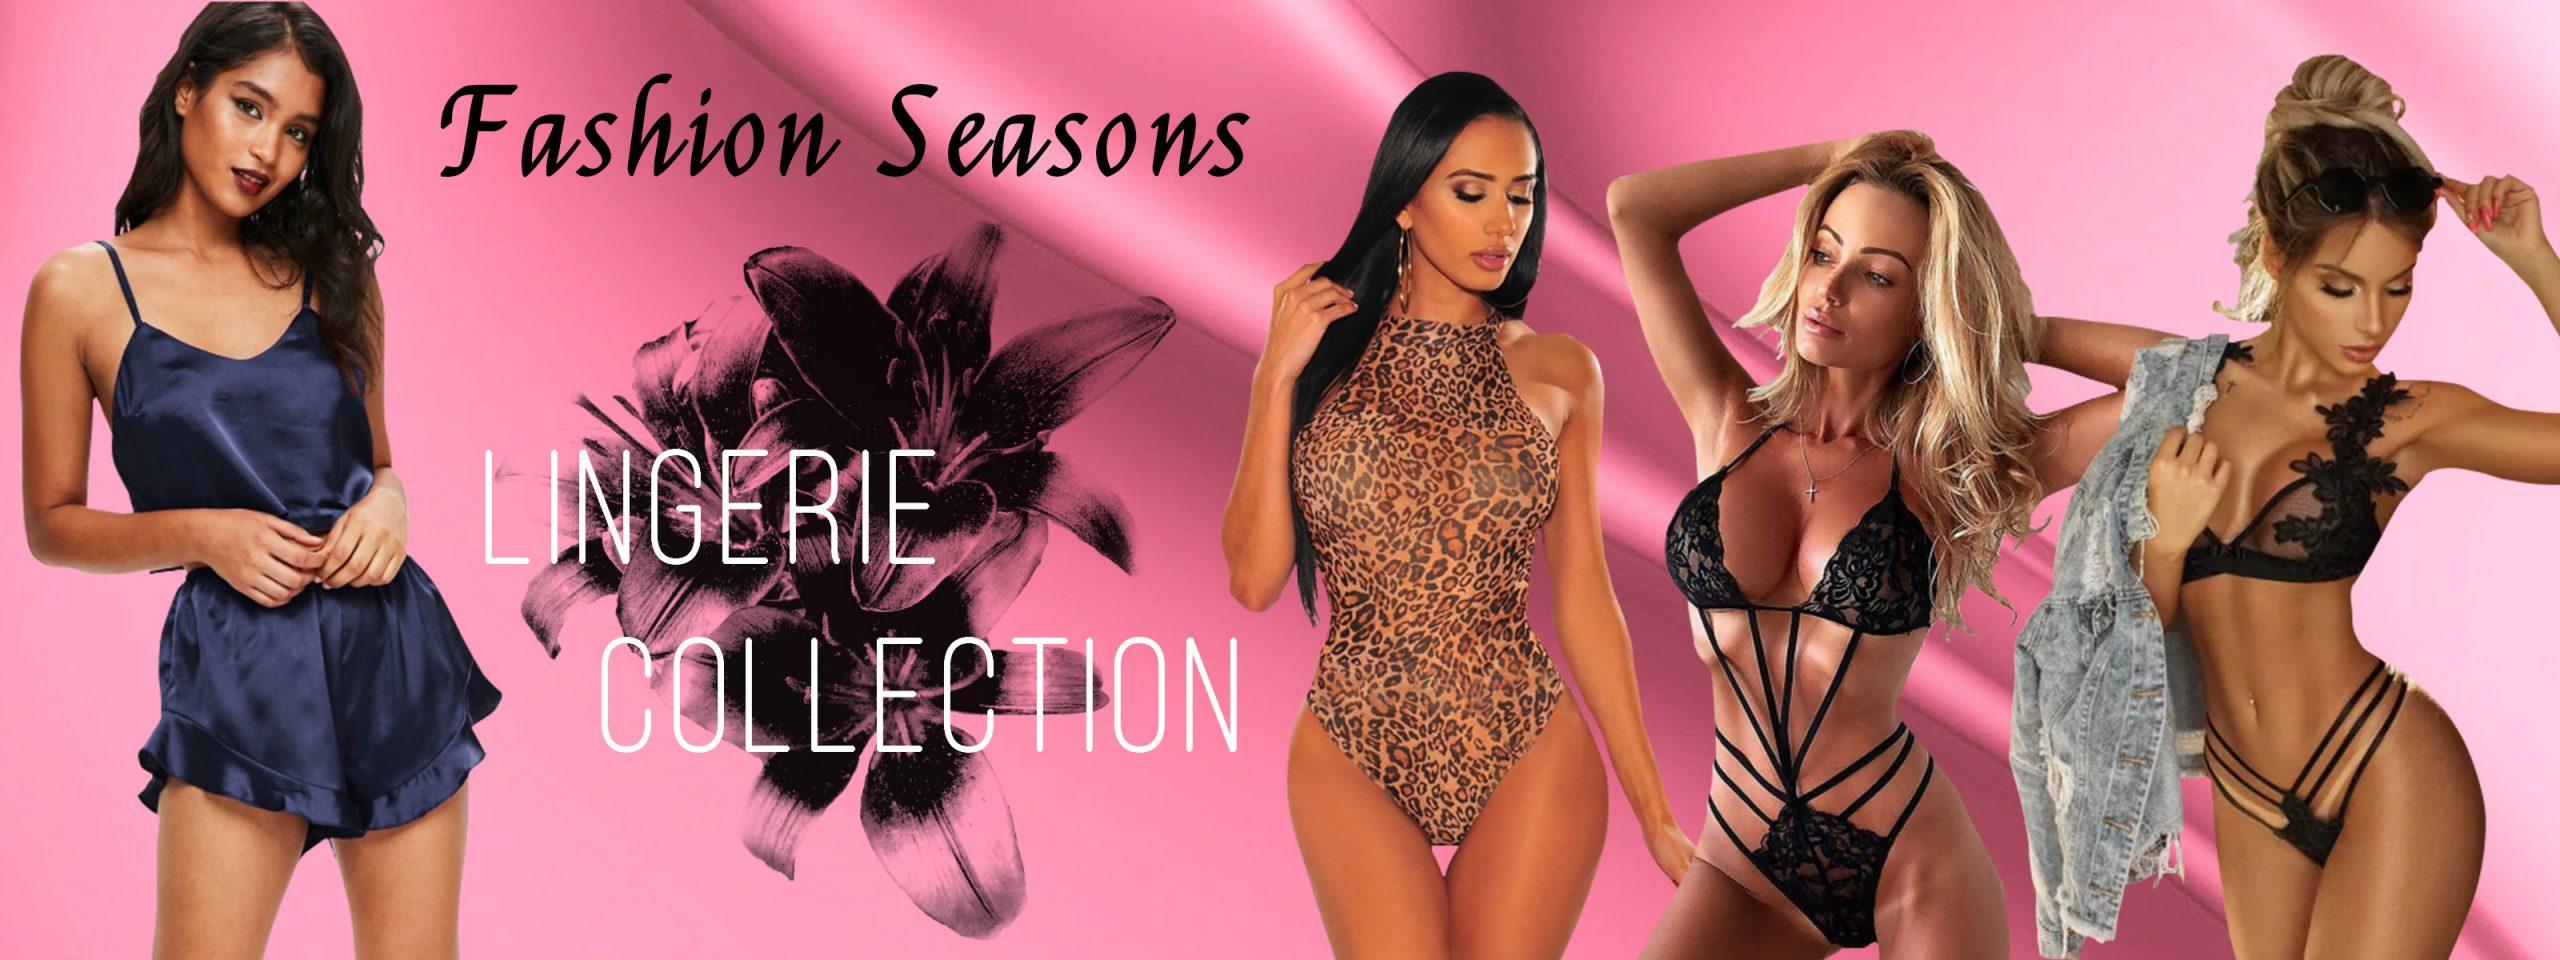 Fashion-Seasons-Underwea